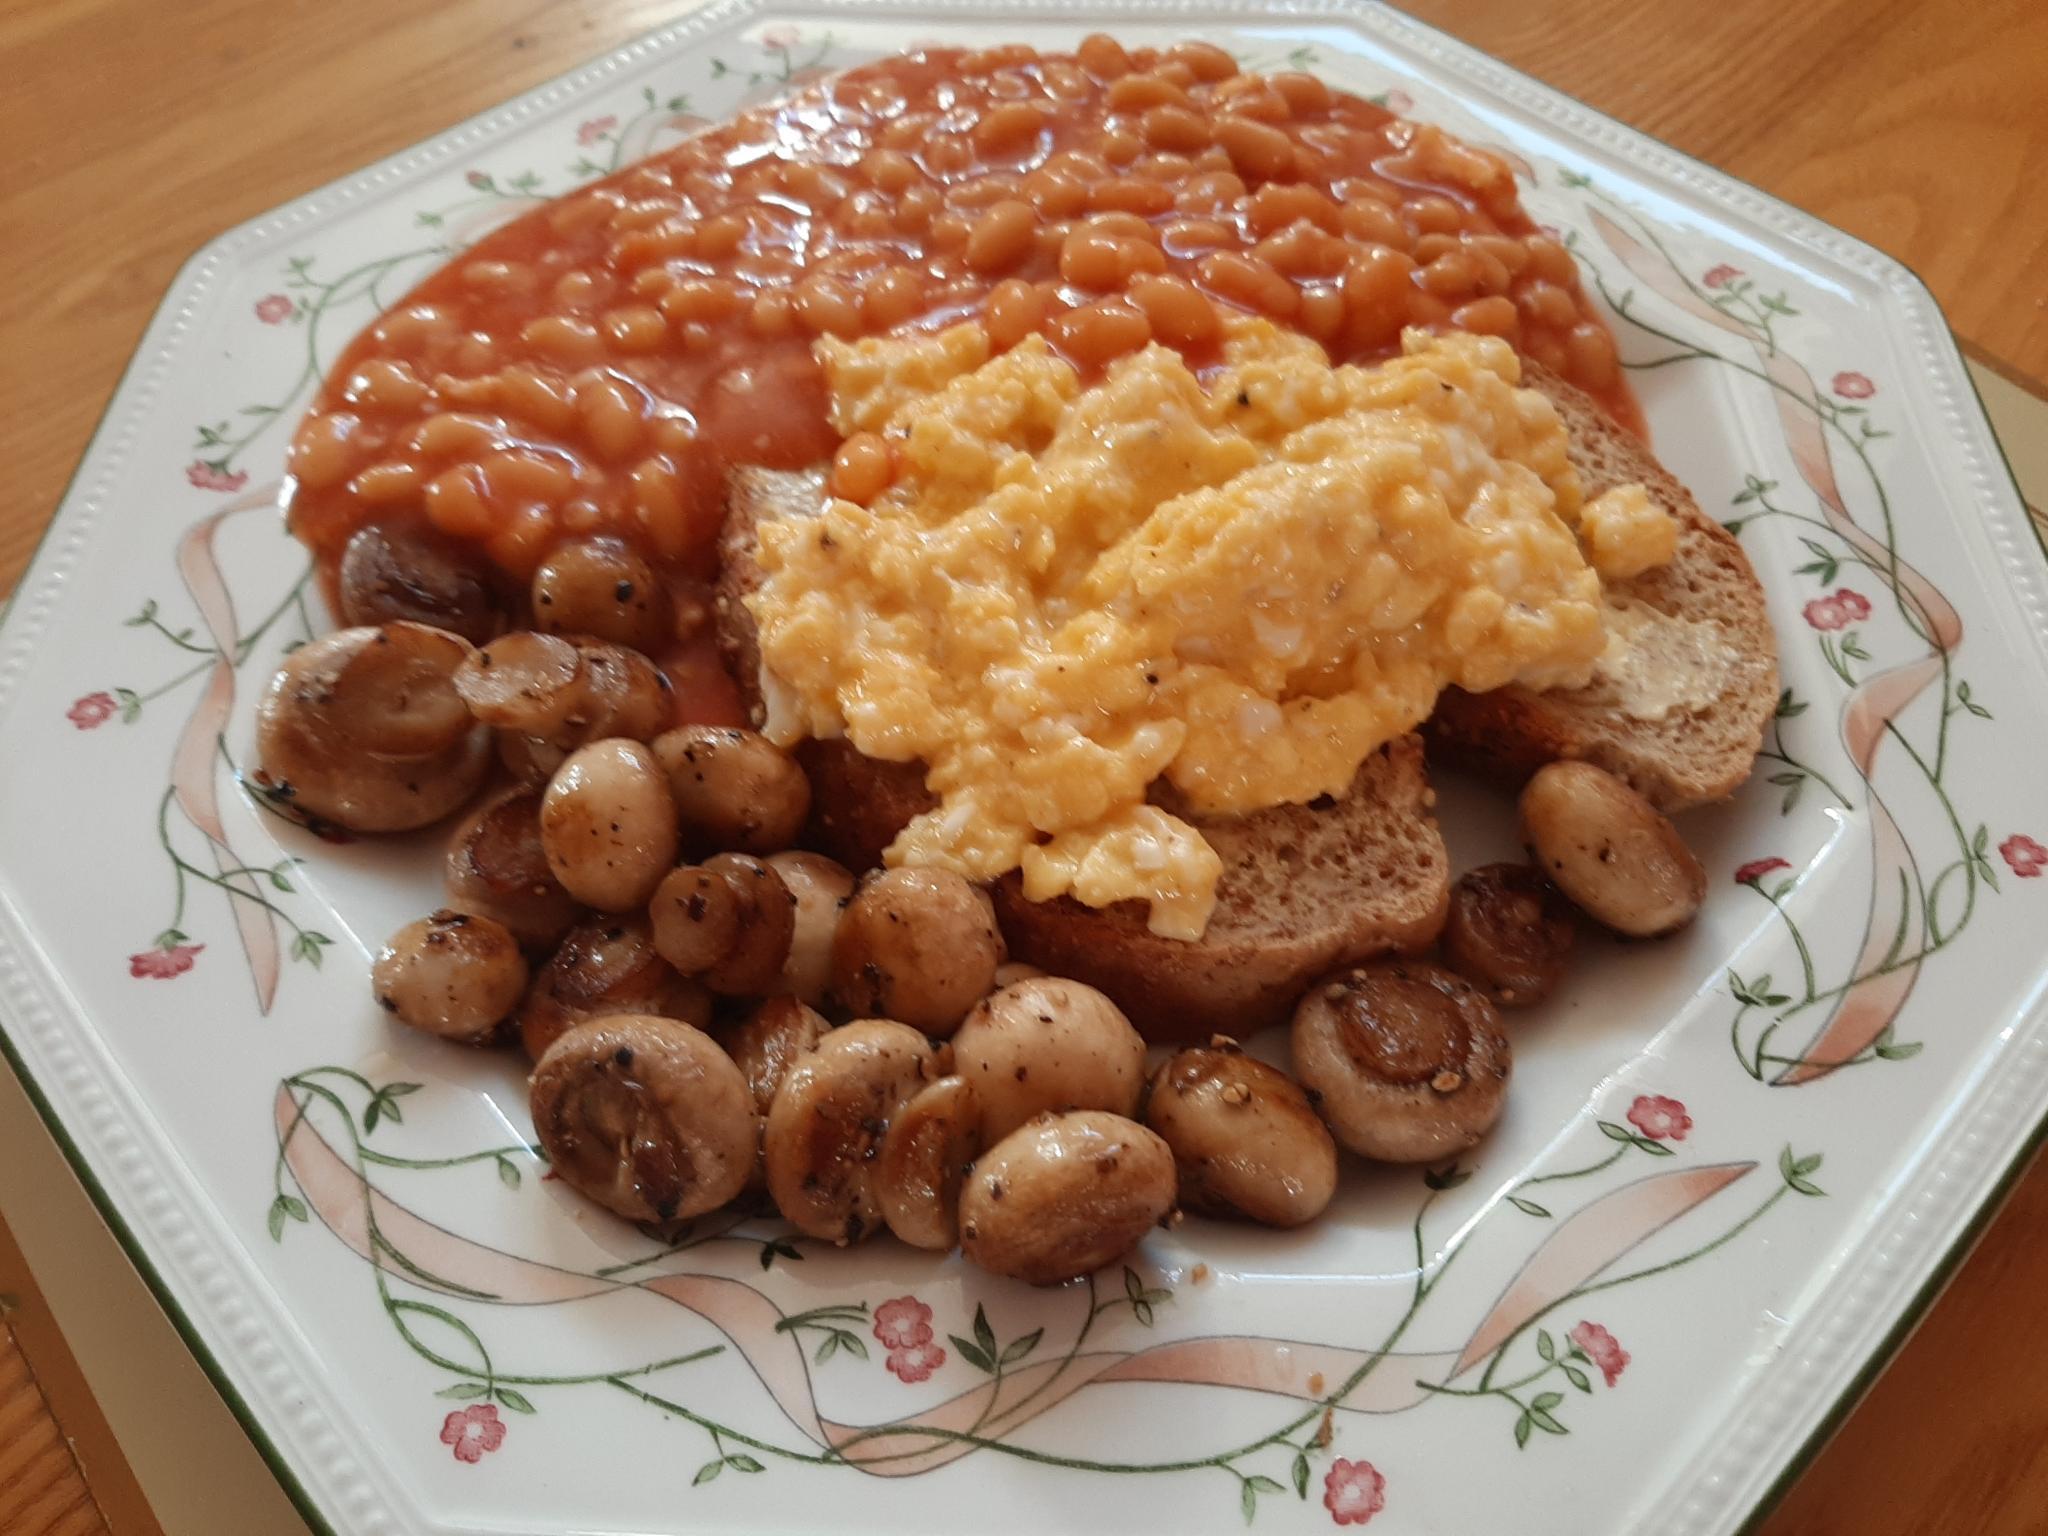 Breakfast-20200710_080038-jpg